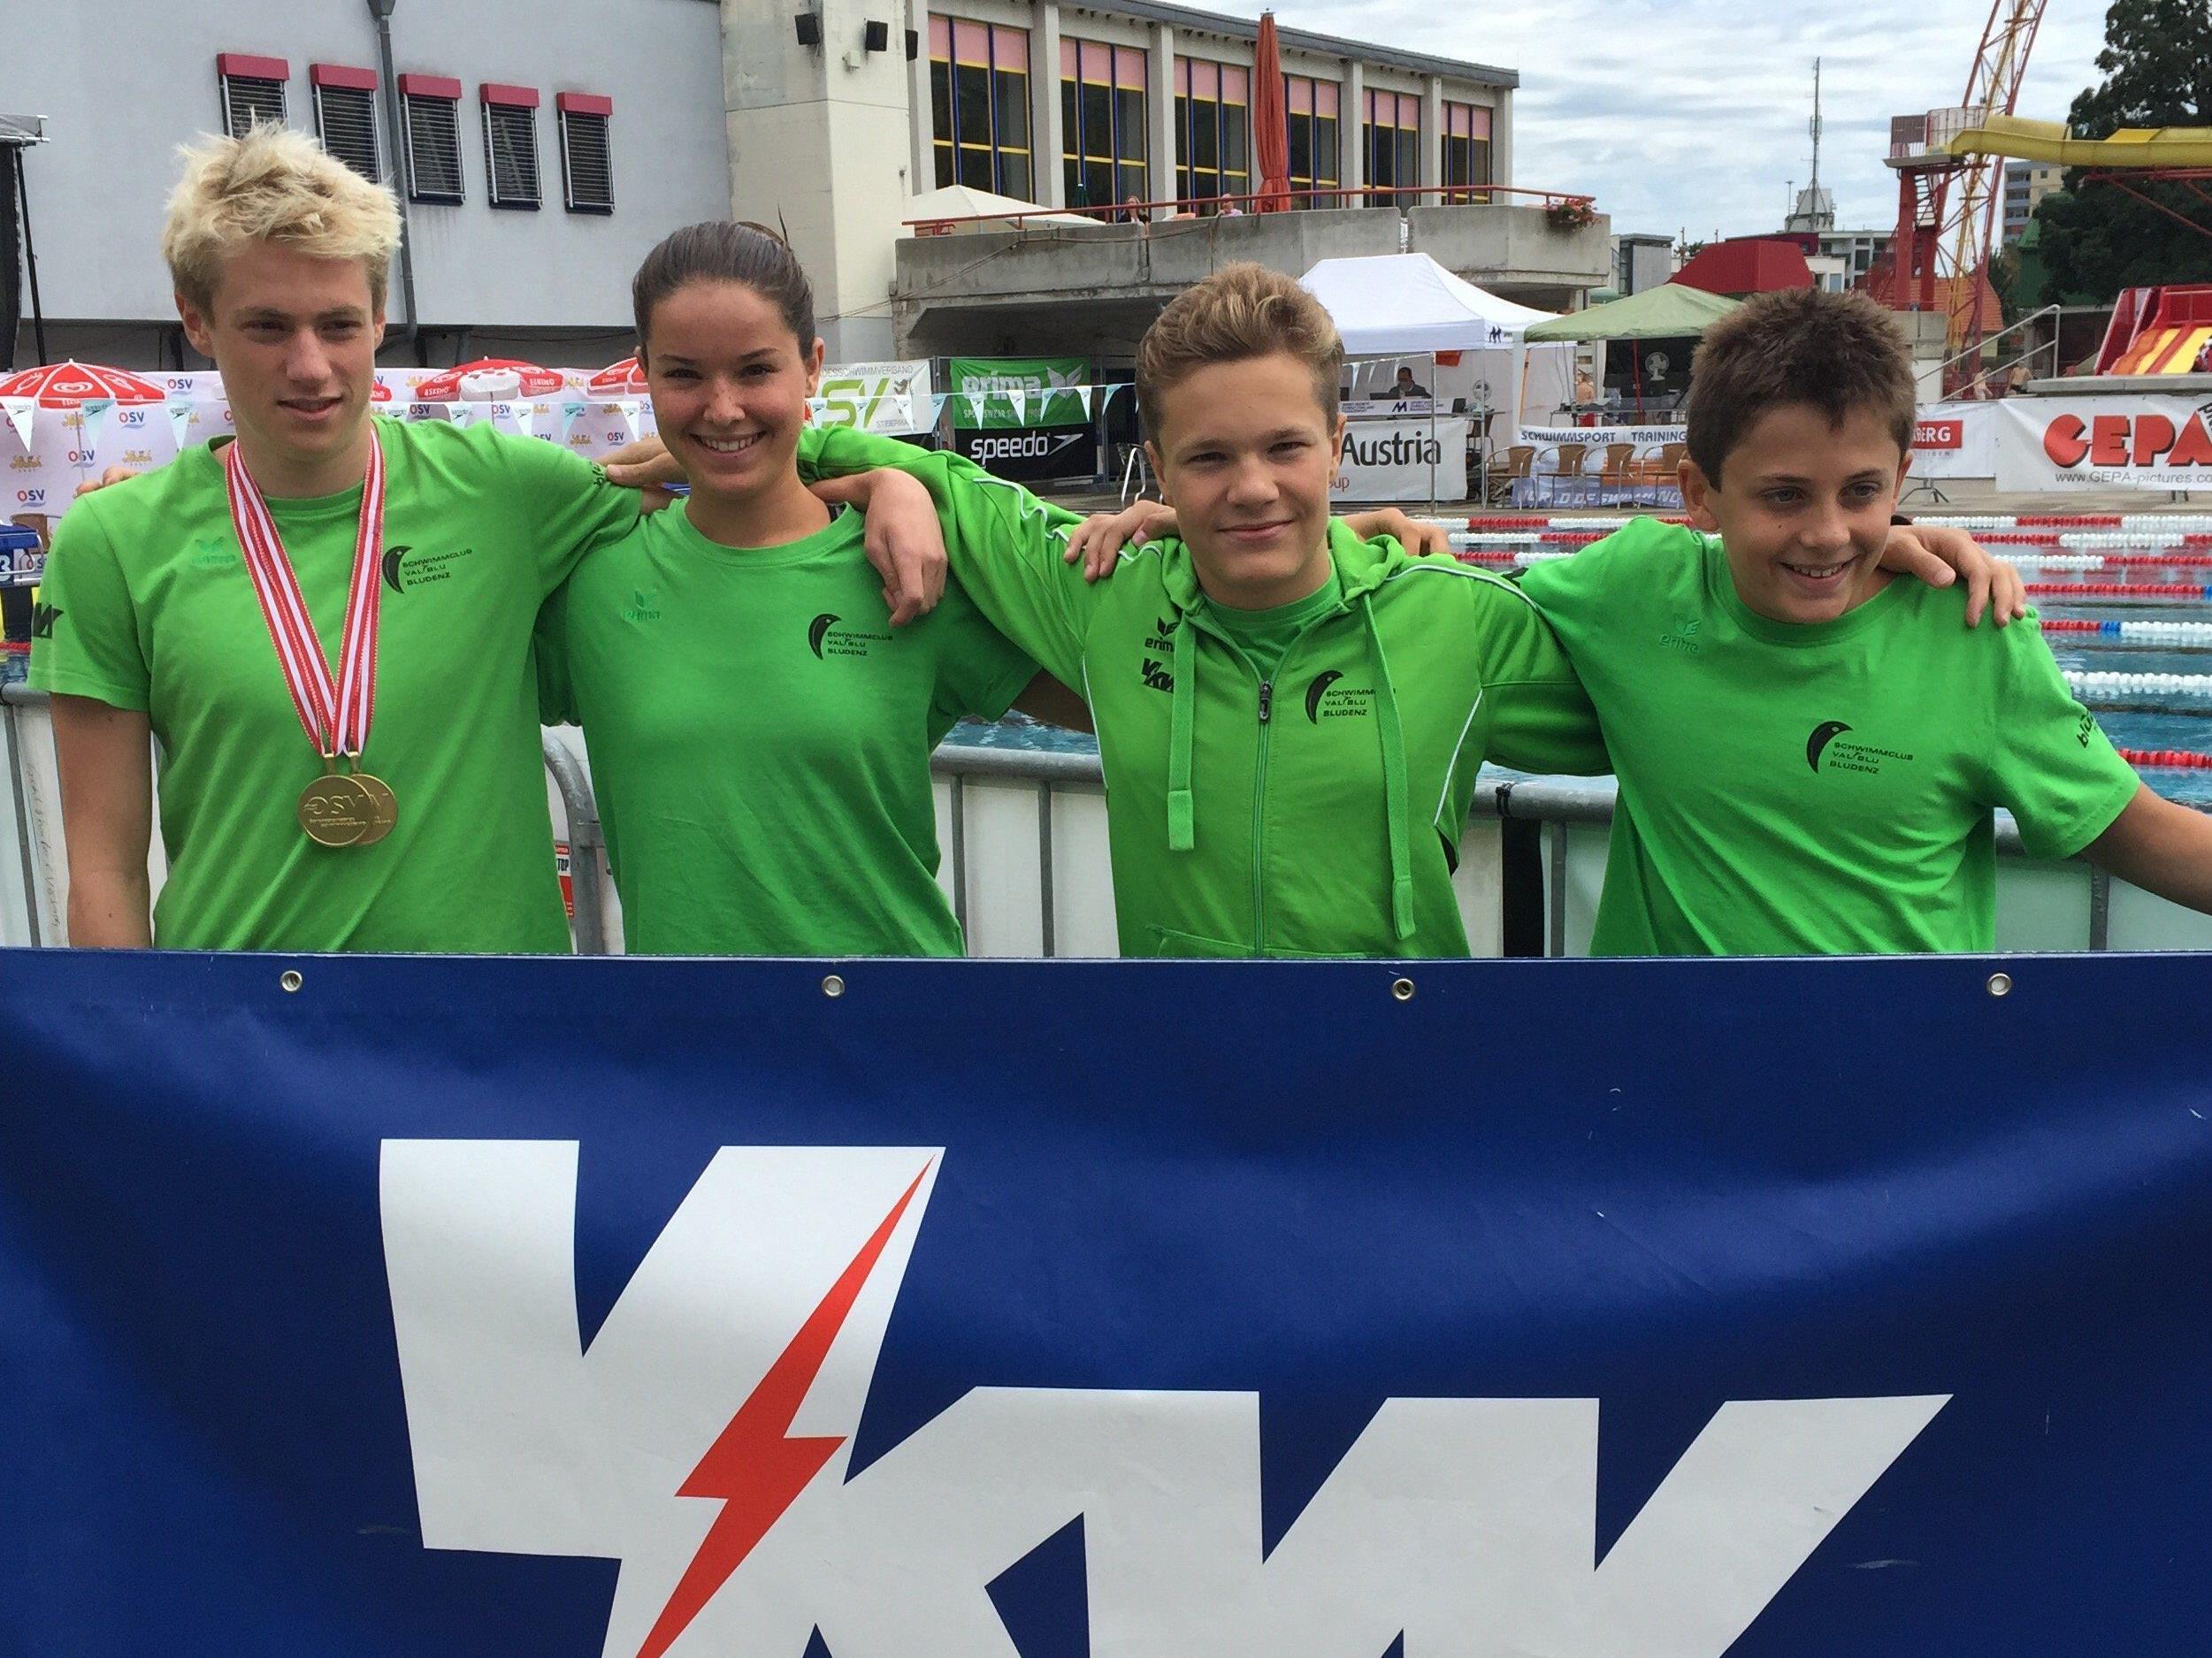 Erfolgreiche Schwimmer Jan Niedermayer, Nicolas Pock, Katharina Cepicka und Moritz Messner (v.l.)